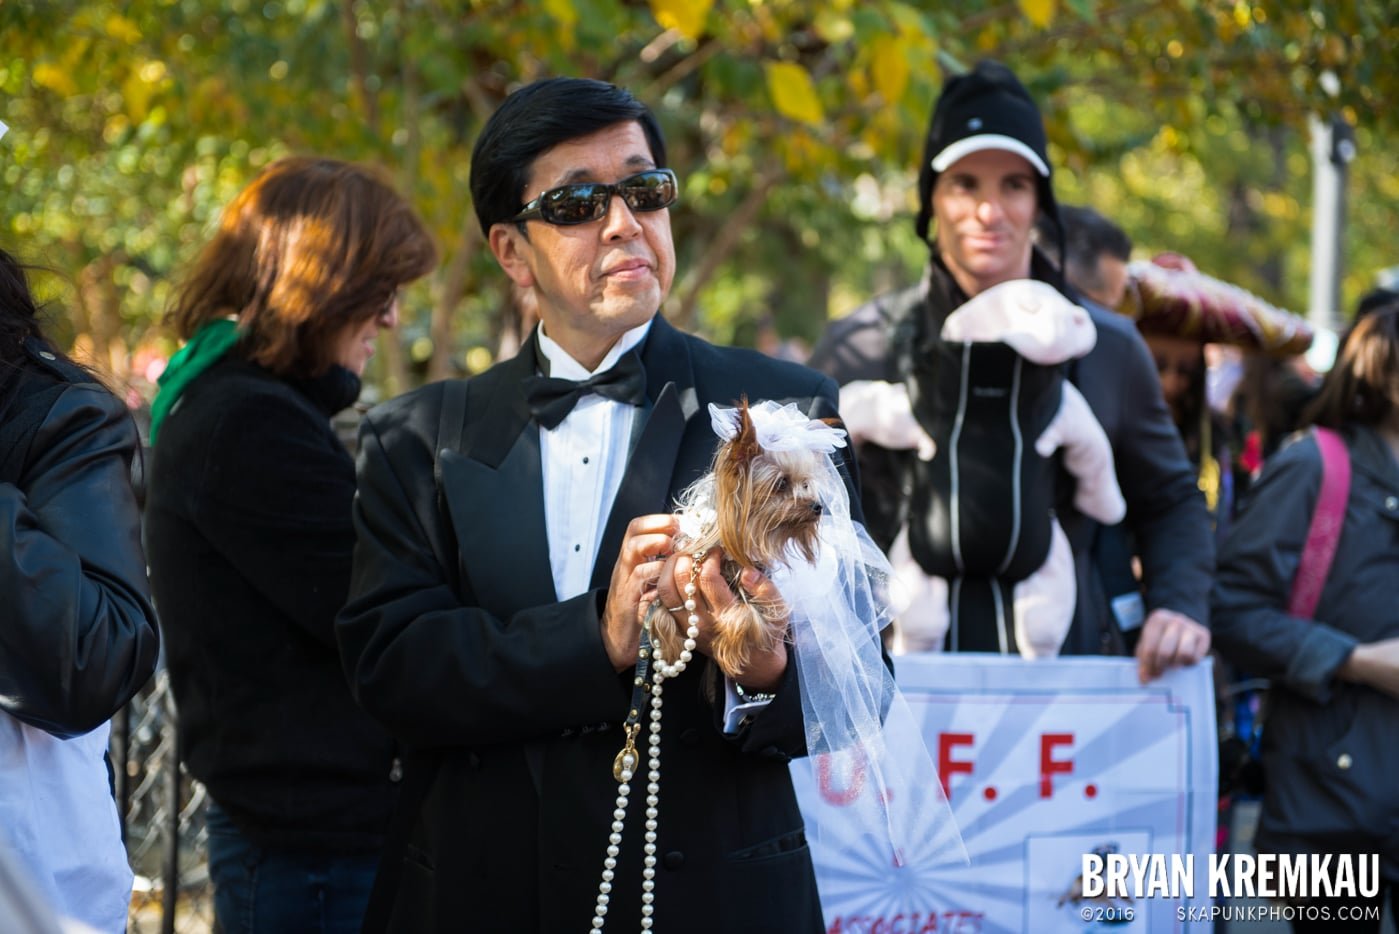 Tompkins Square Halloween Dog Parade 2013 @ Tompkins Square Park, NYC - 10.26.13 (67)